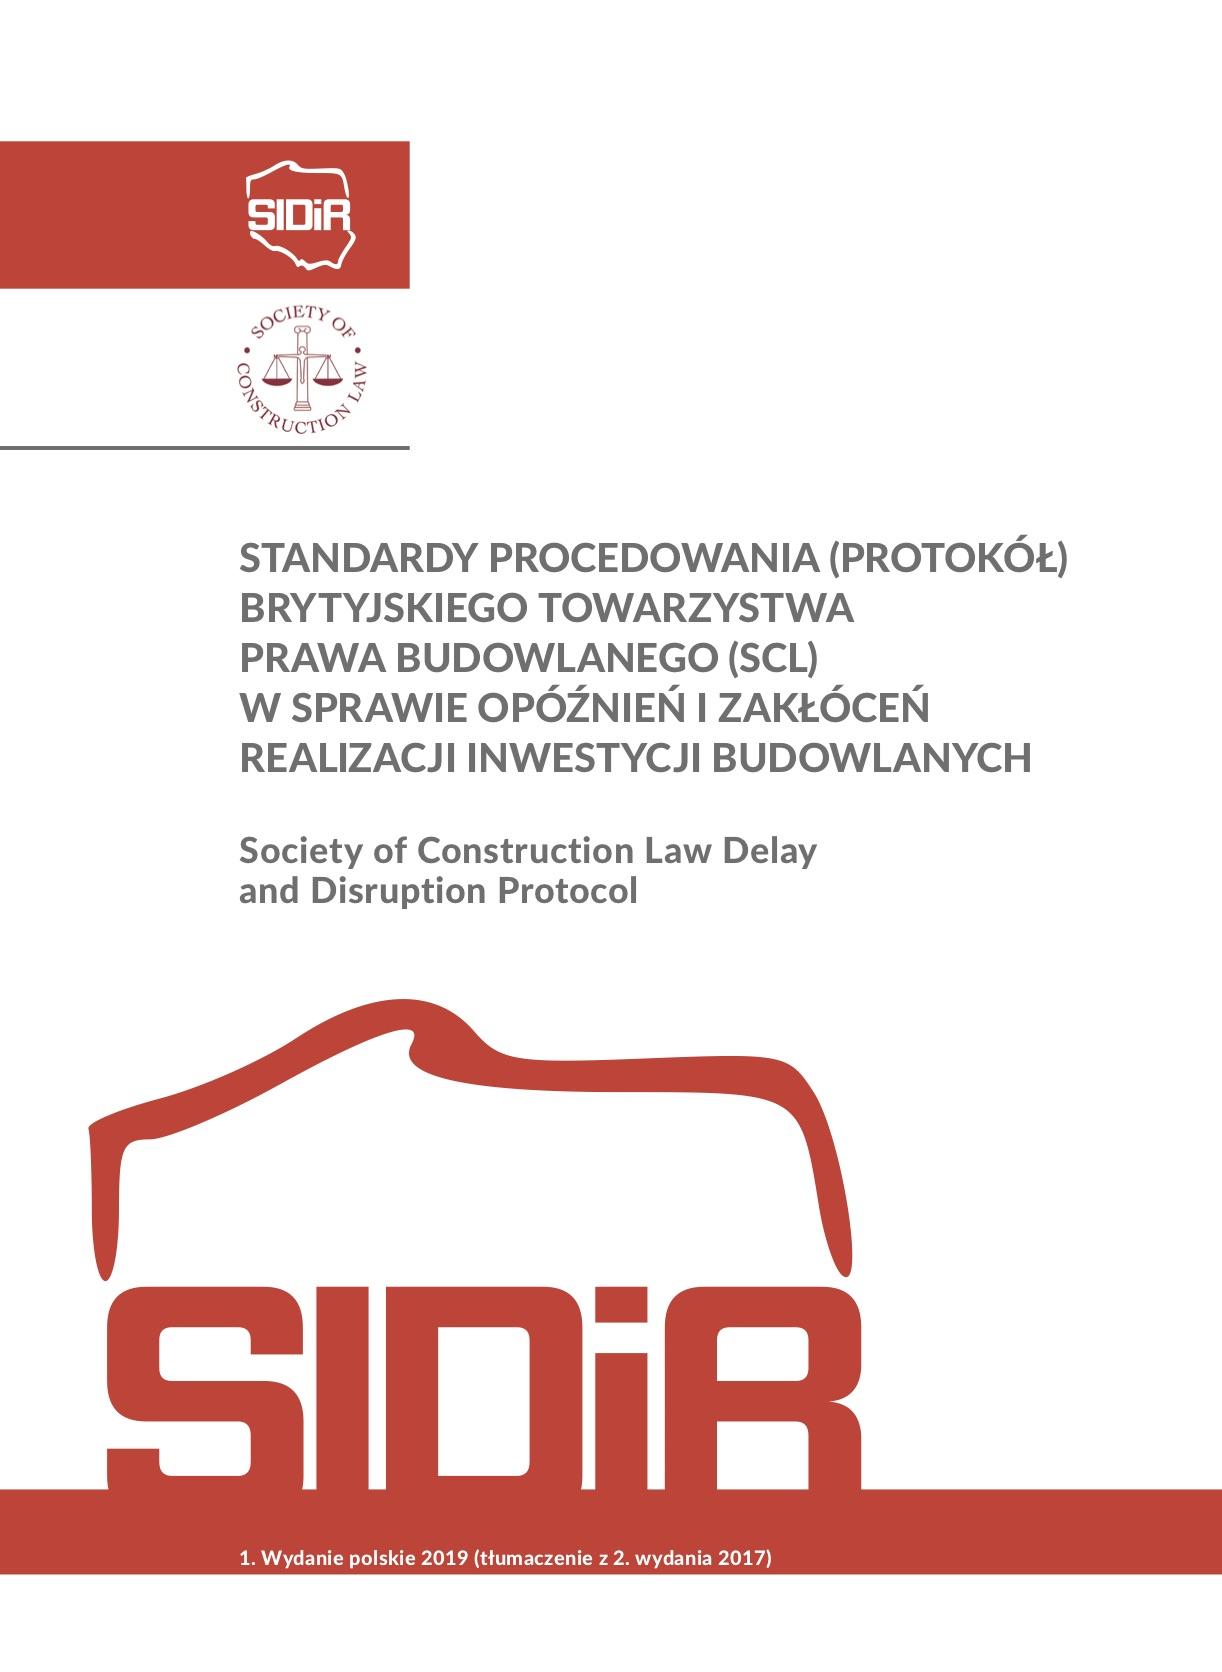 Standardy procedowania (protokół) Brytyjskiego Towarzystwa Prawa Budowlanego (SCL) w sprawie opóźnień i zakłóceń realizacji inwestycji budowlanych